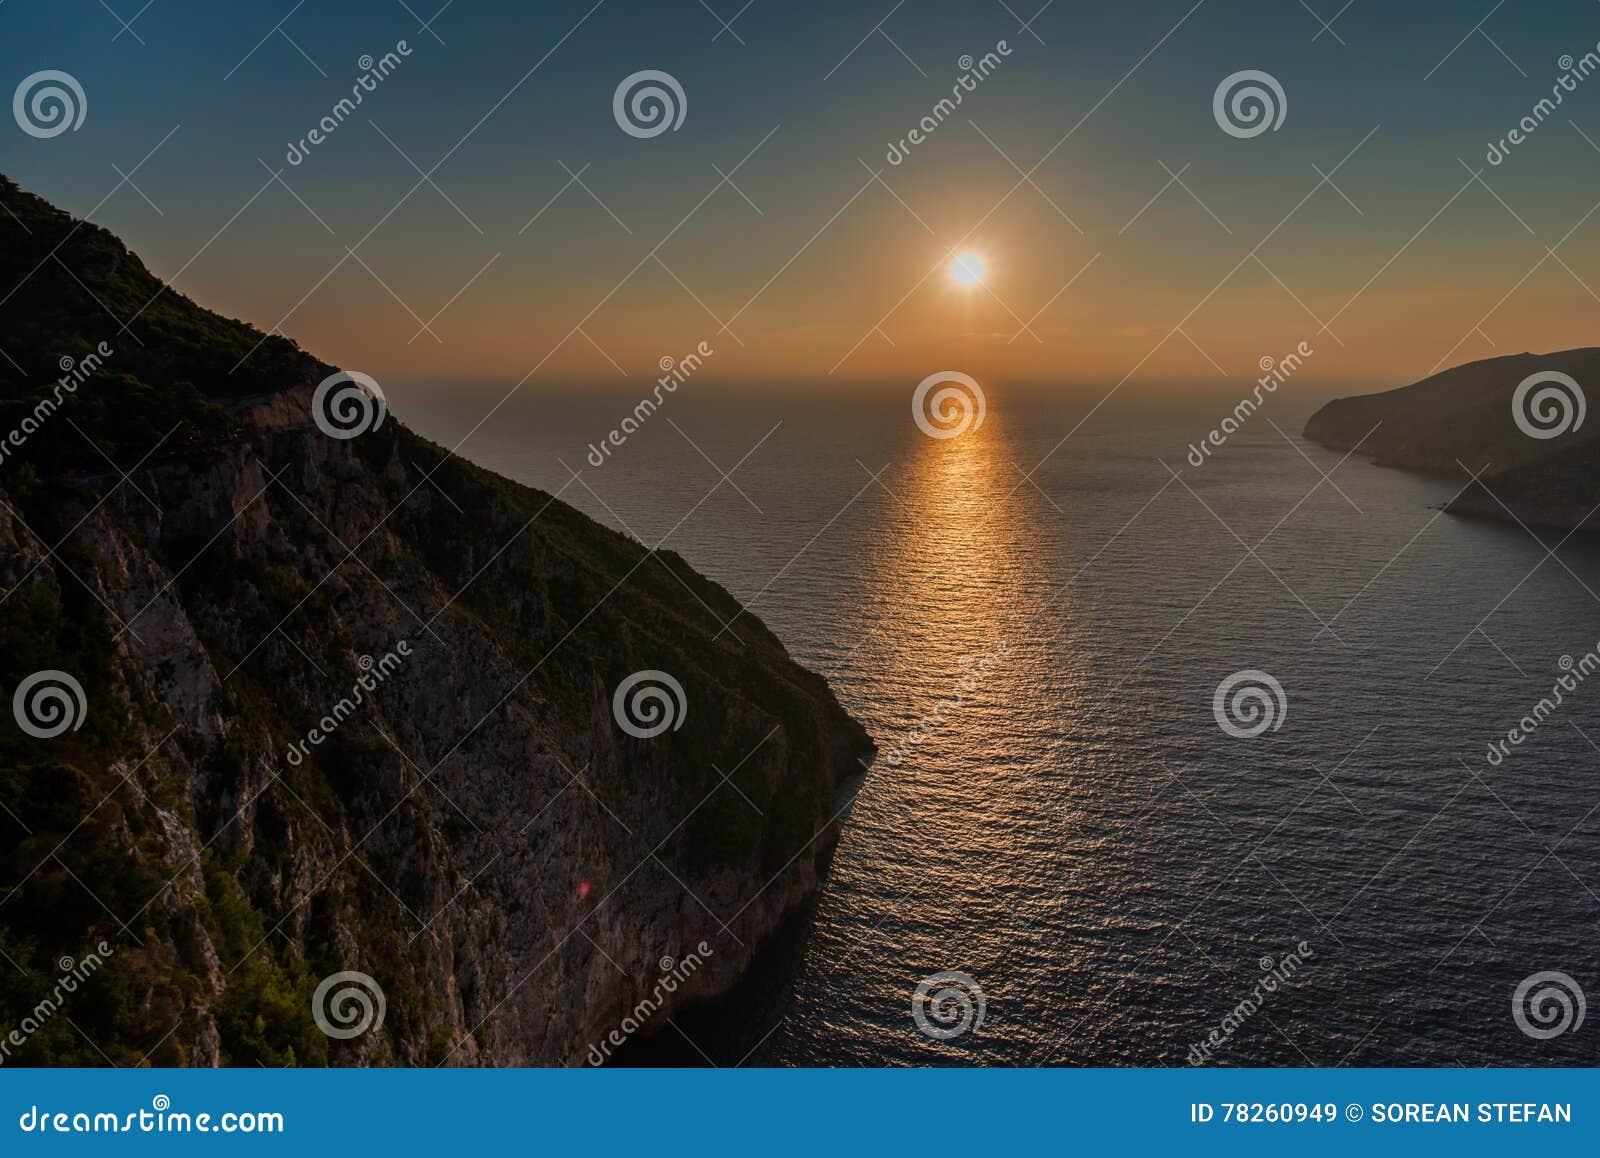 Ηλιοβασίλεμα στη mediteranean θάλασσα